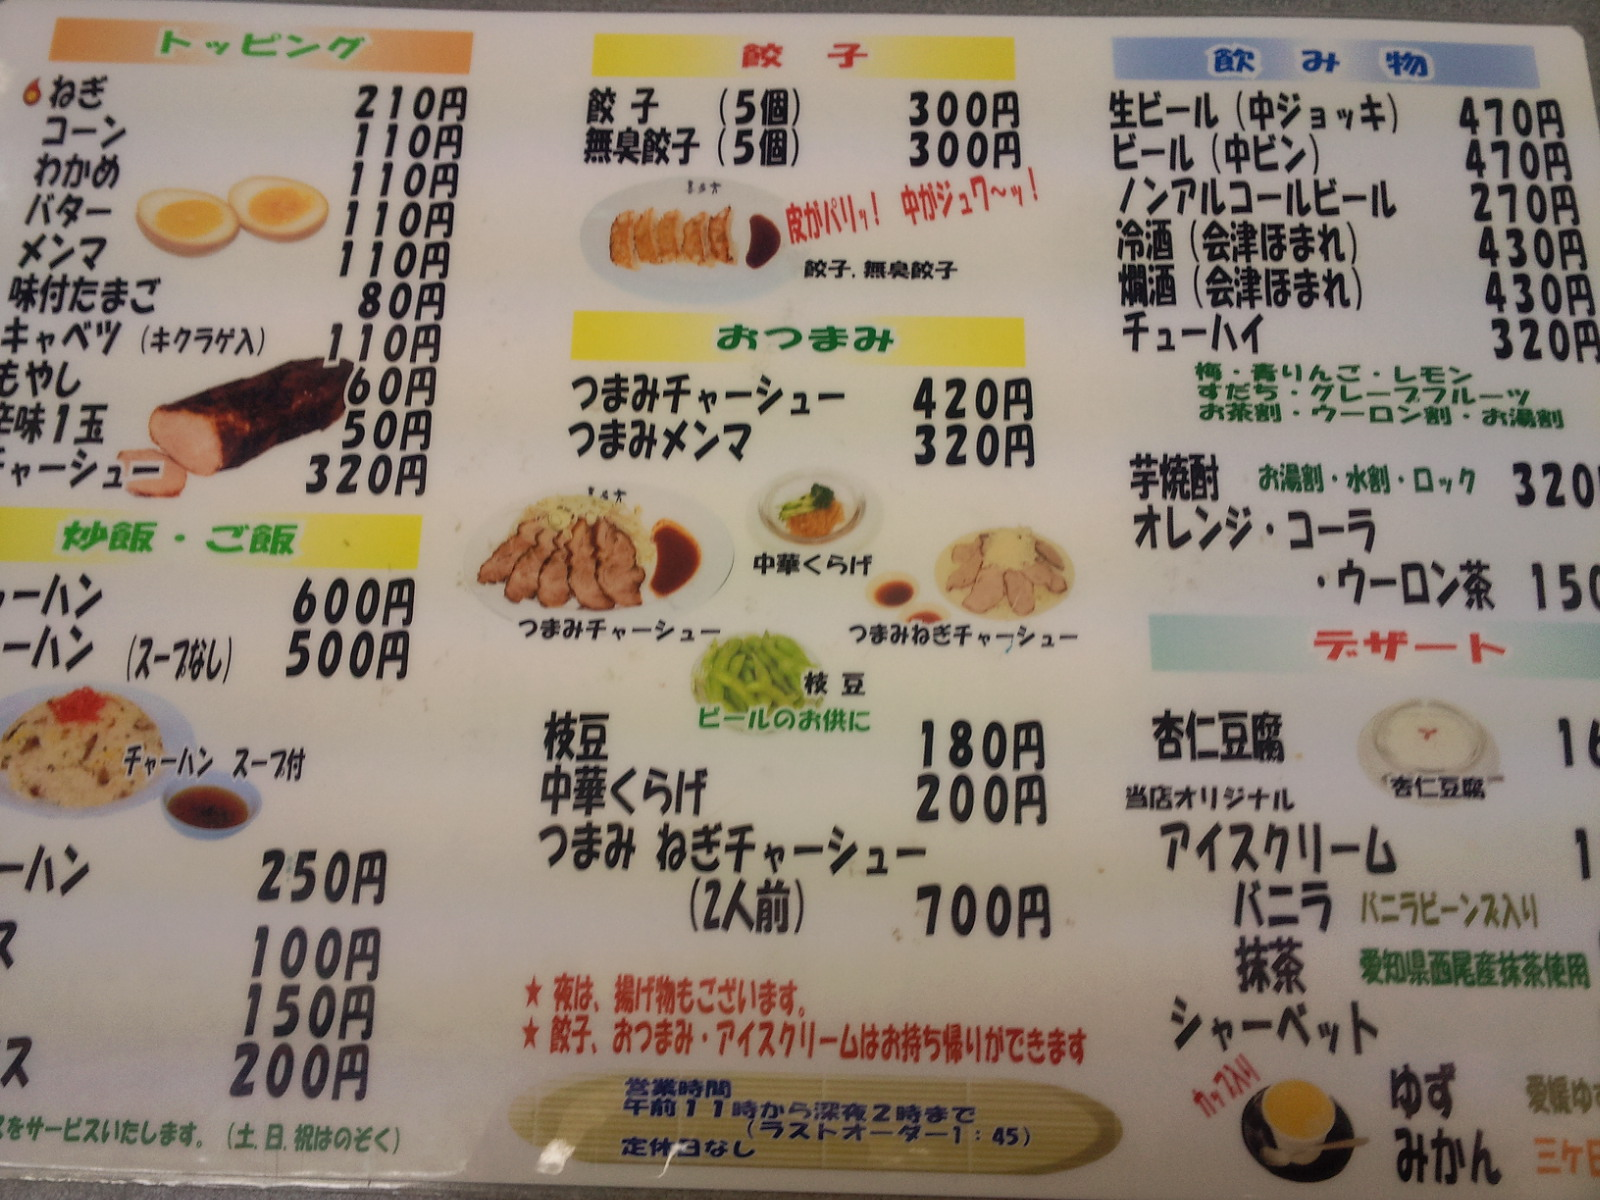 喜多方ラーメン麺街道 name=